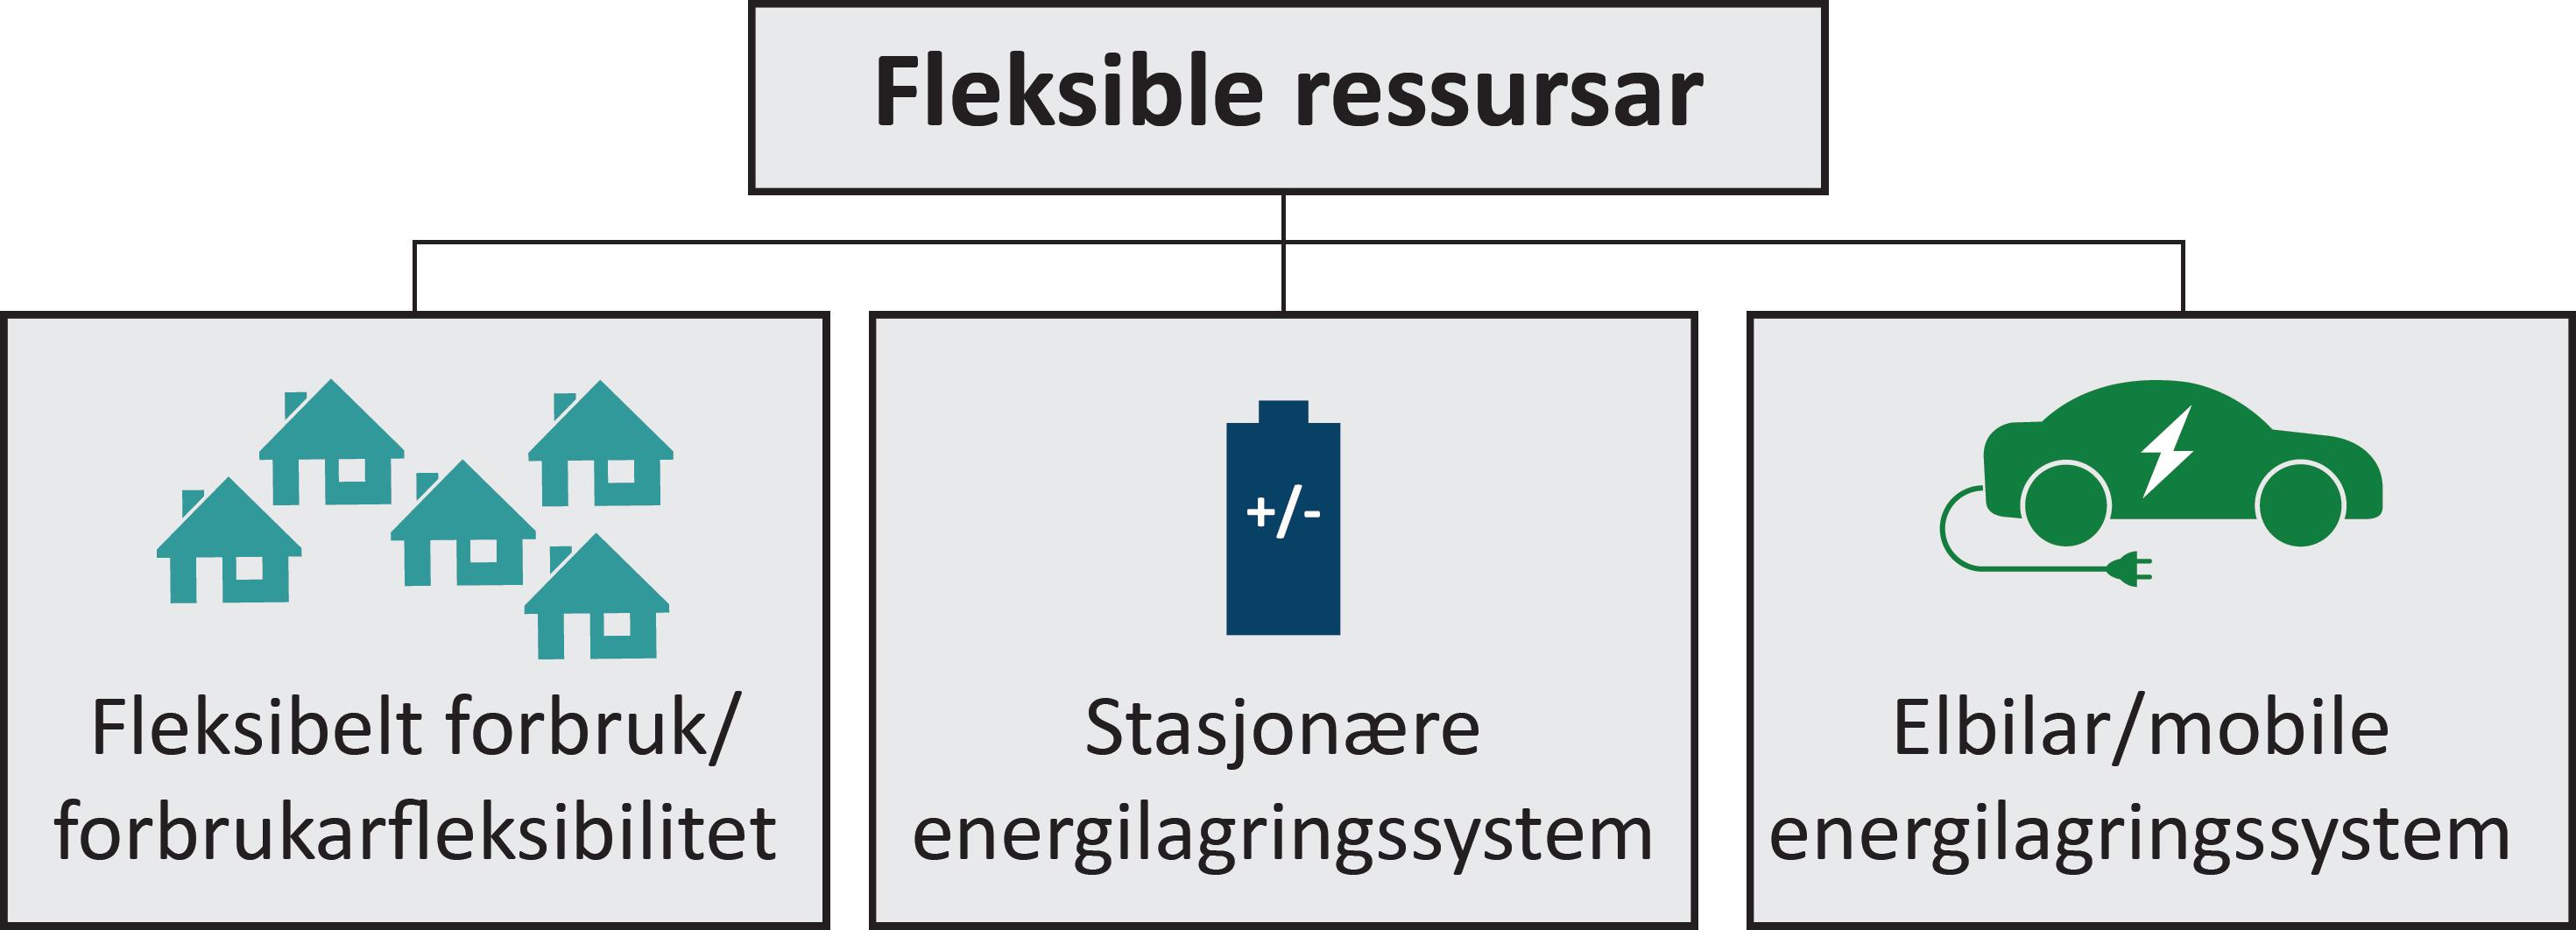 Dei fleksible ressursane